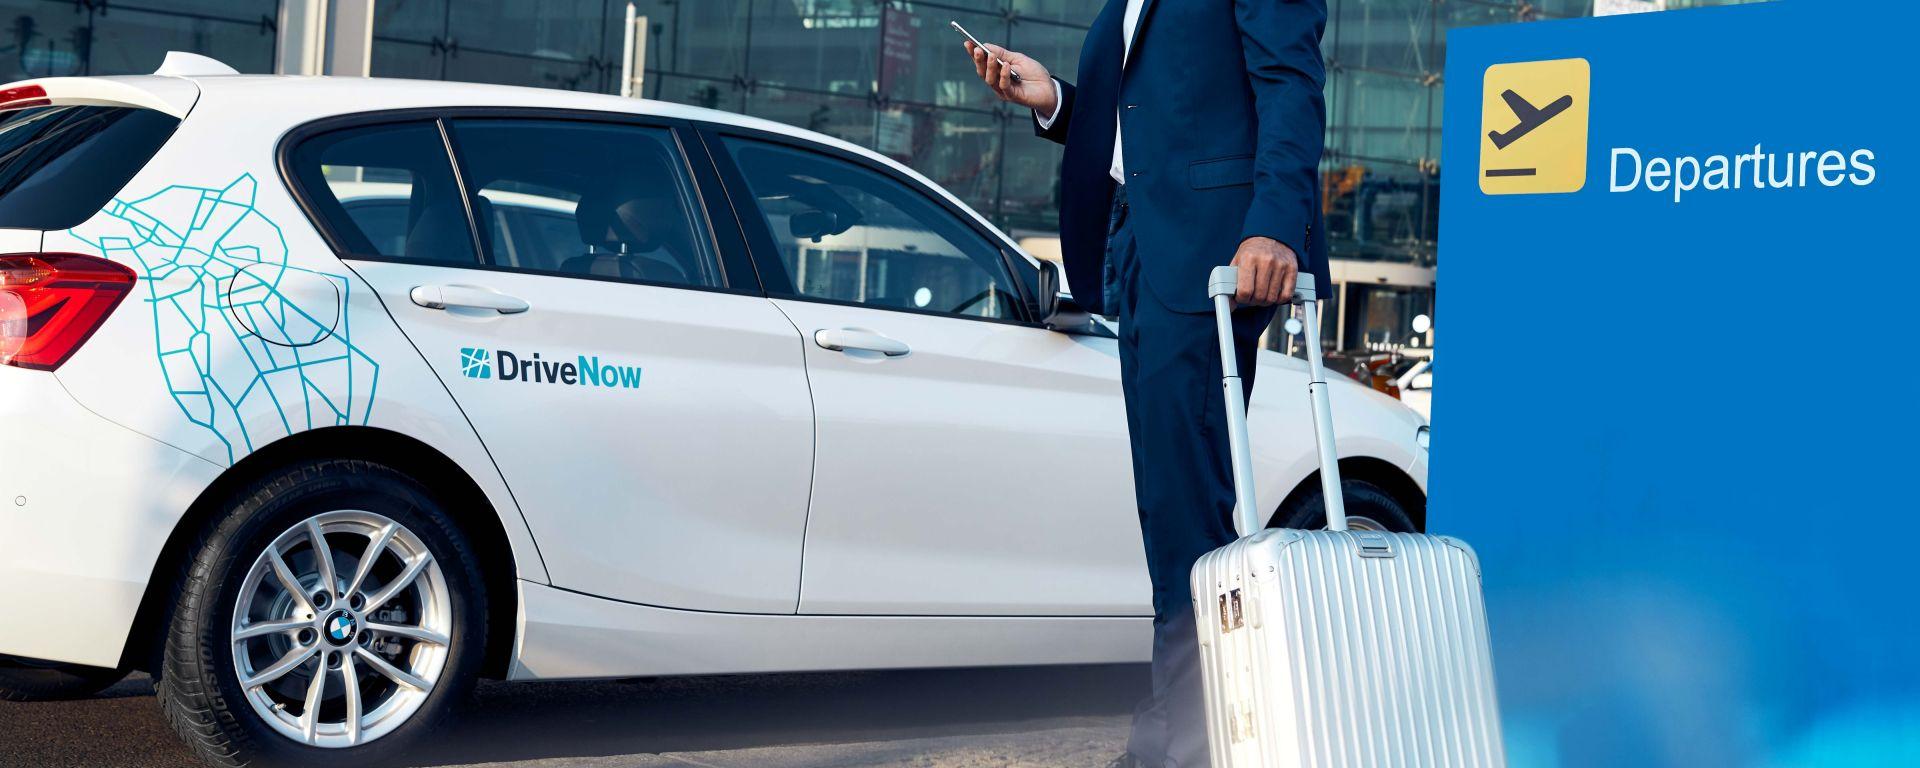 DriveNow: il car sharing di BMW apre un parcheggio riservato all'aeroporto Milano Malpensa